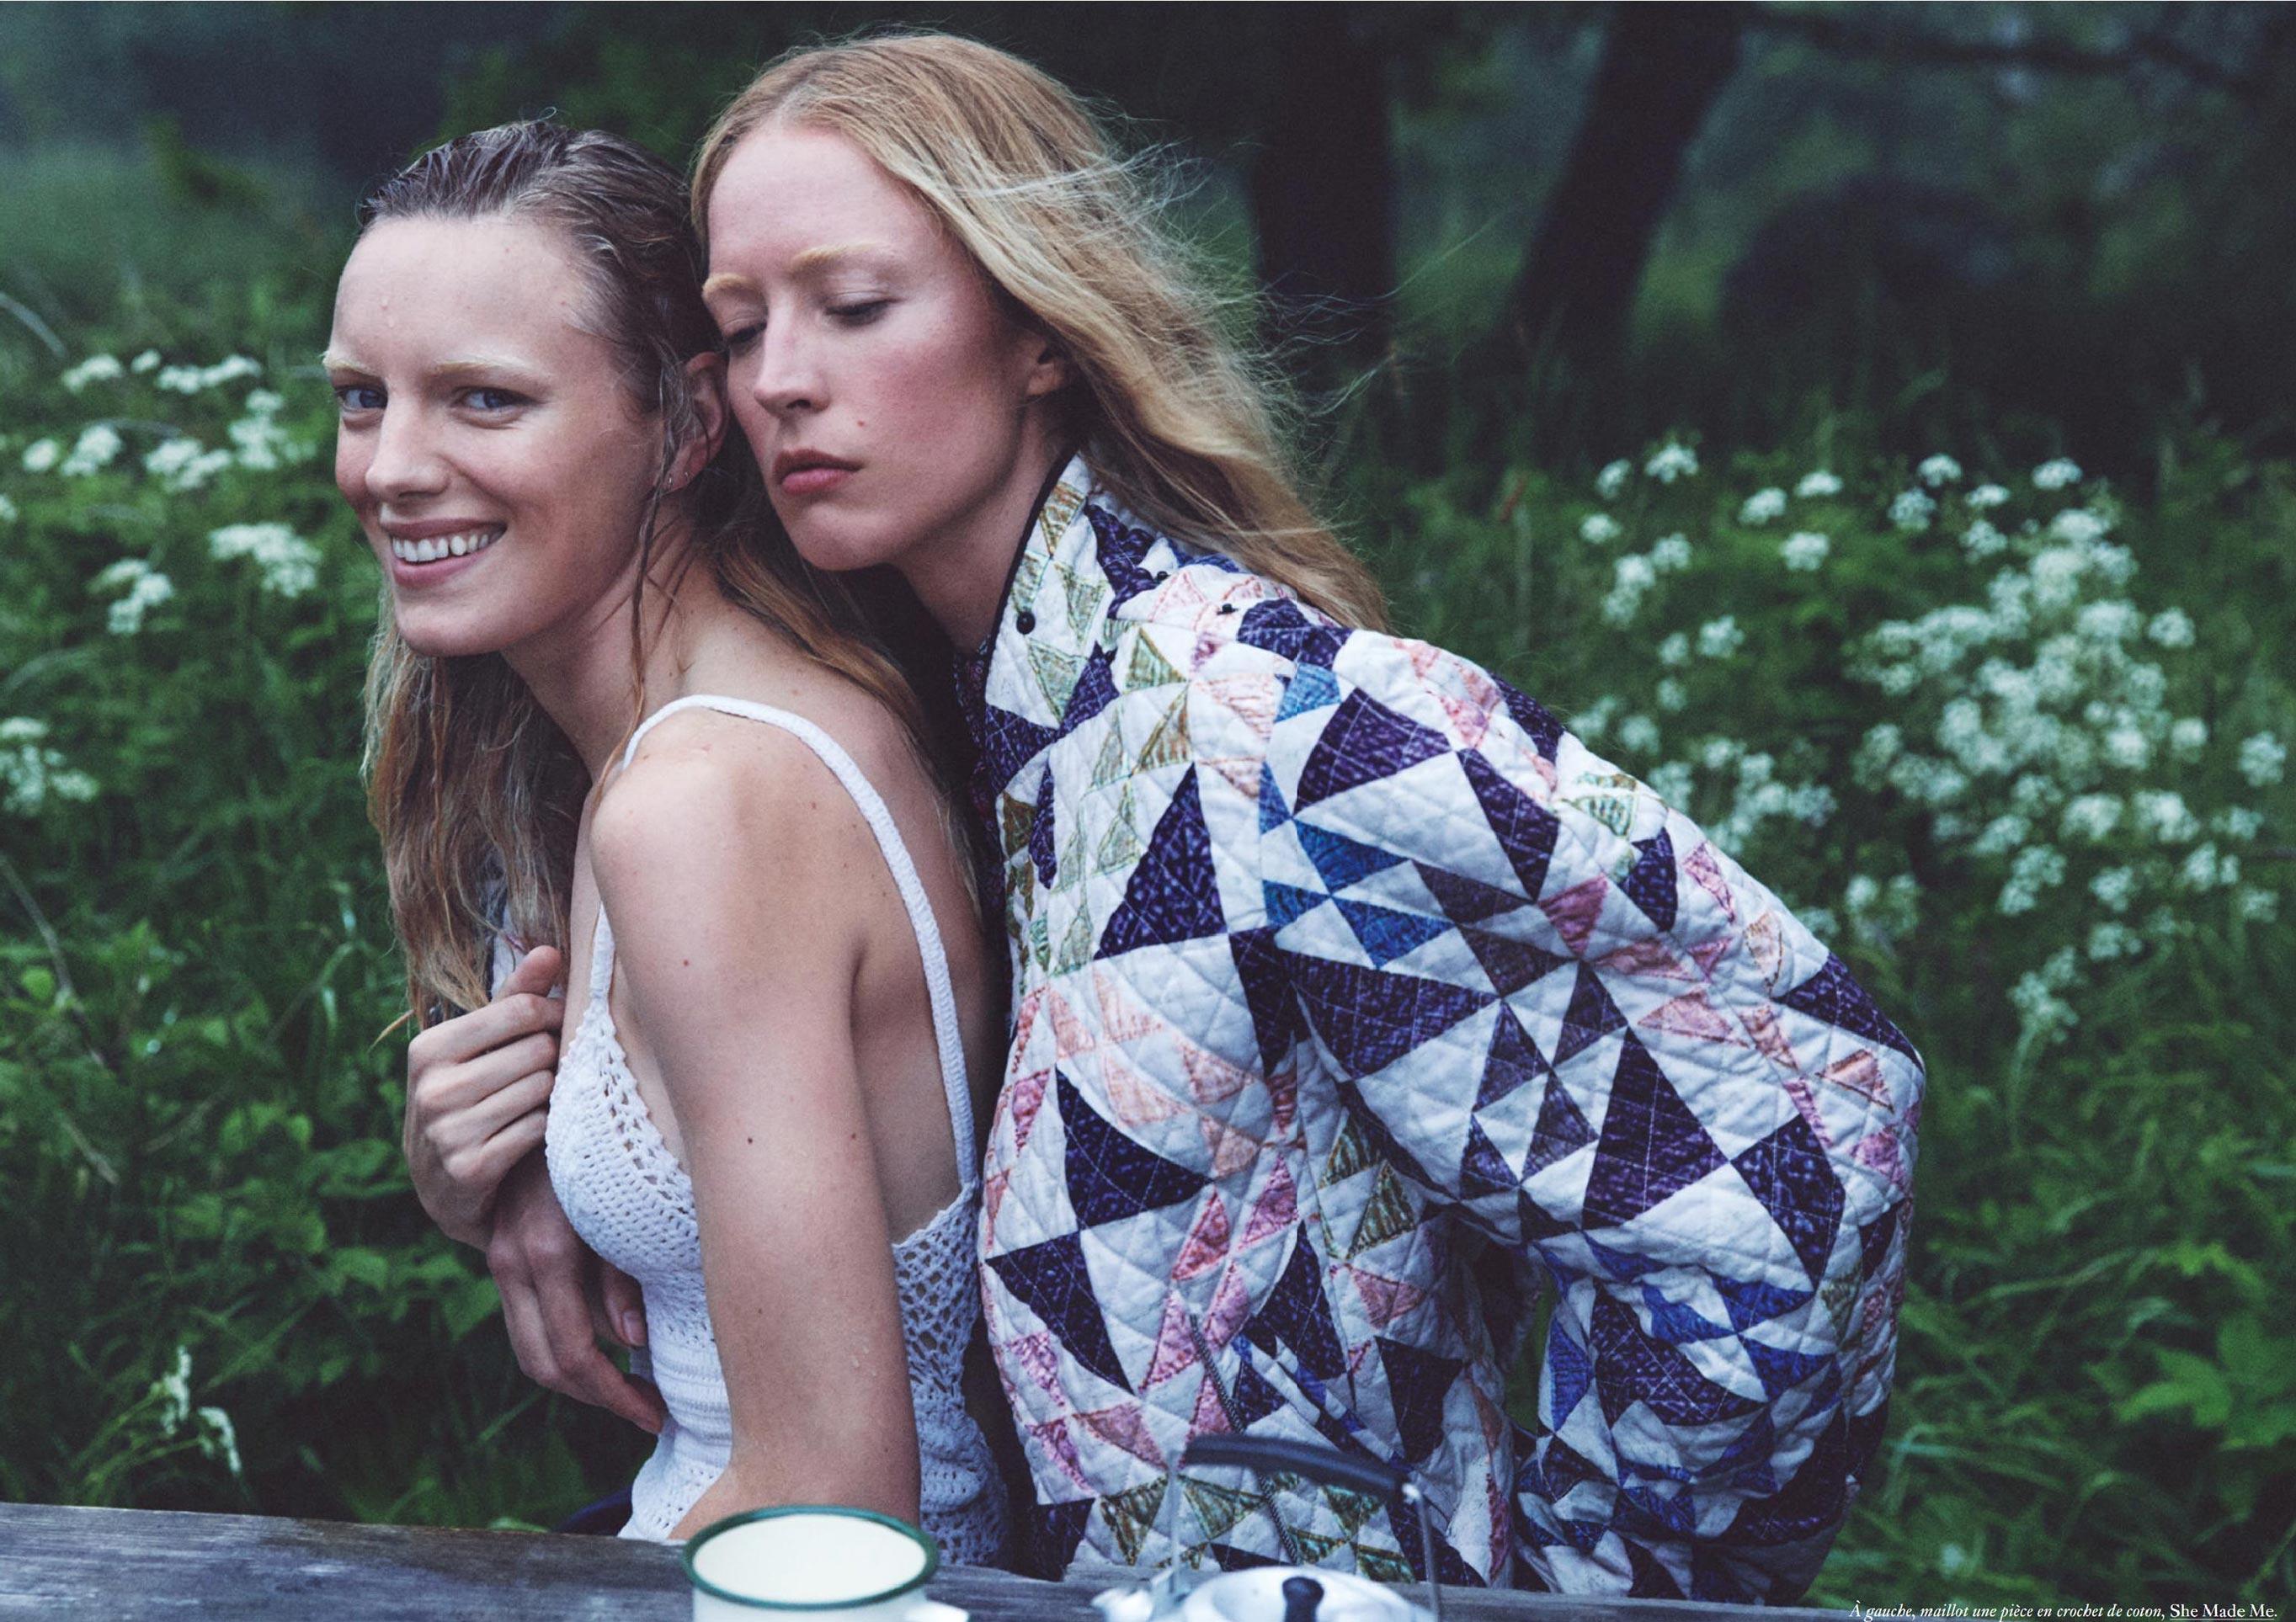 Бразильская модель в гостях у шведской - Эрика Линдер и Ракель Циммерман / фото 19